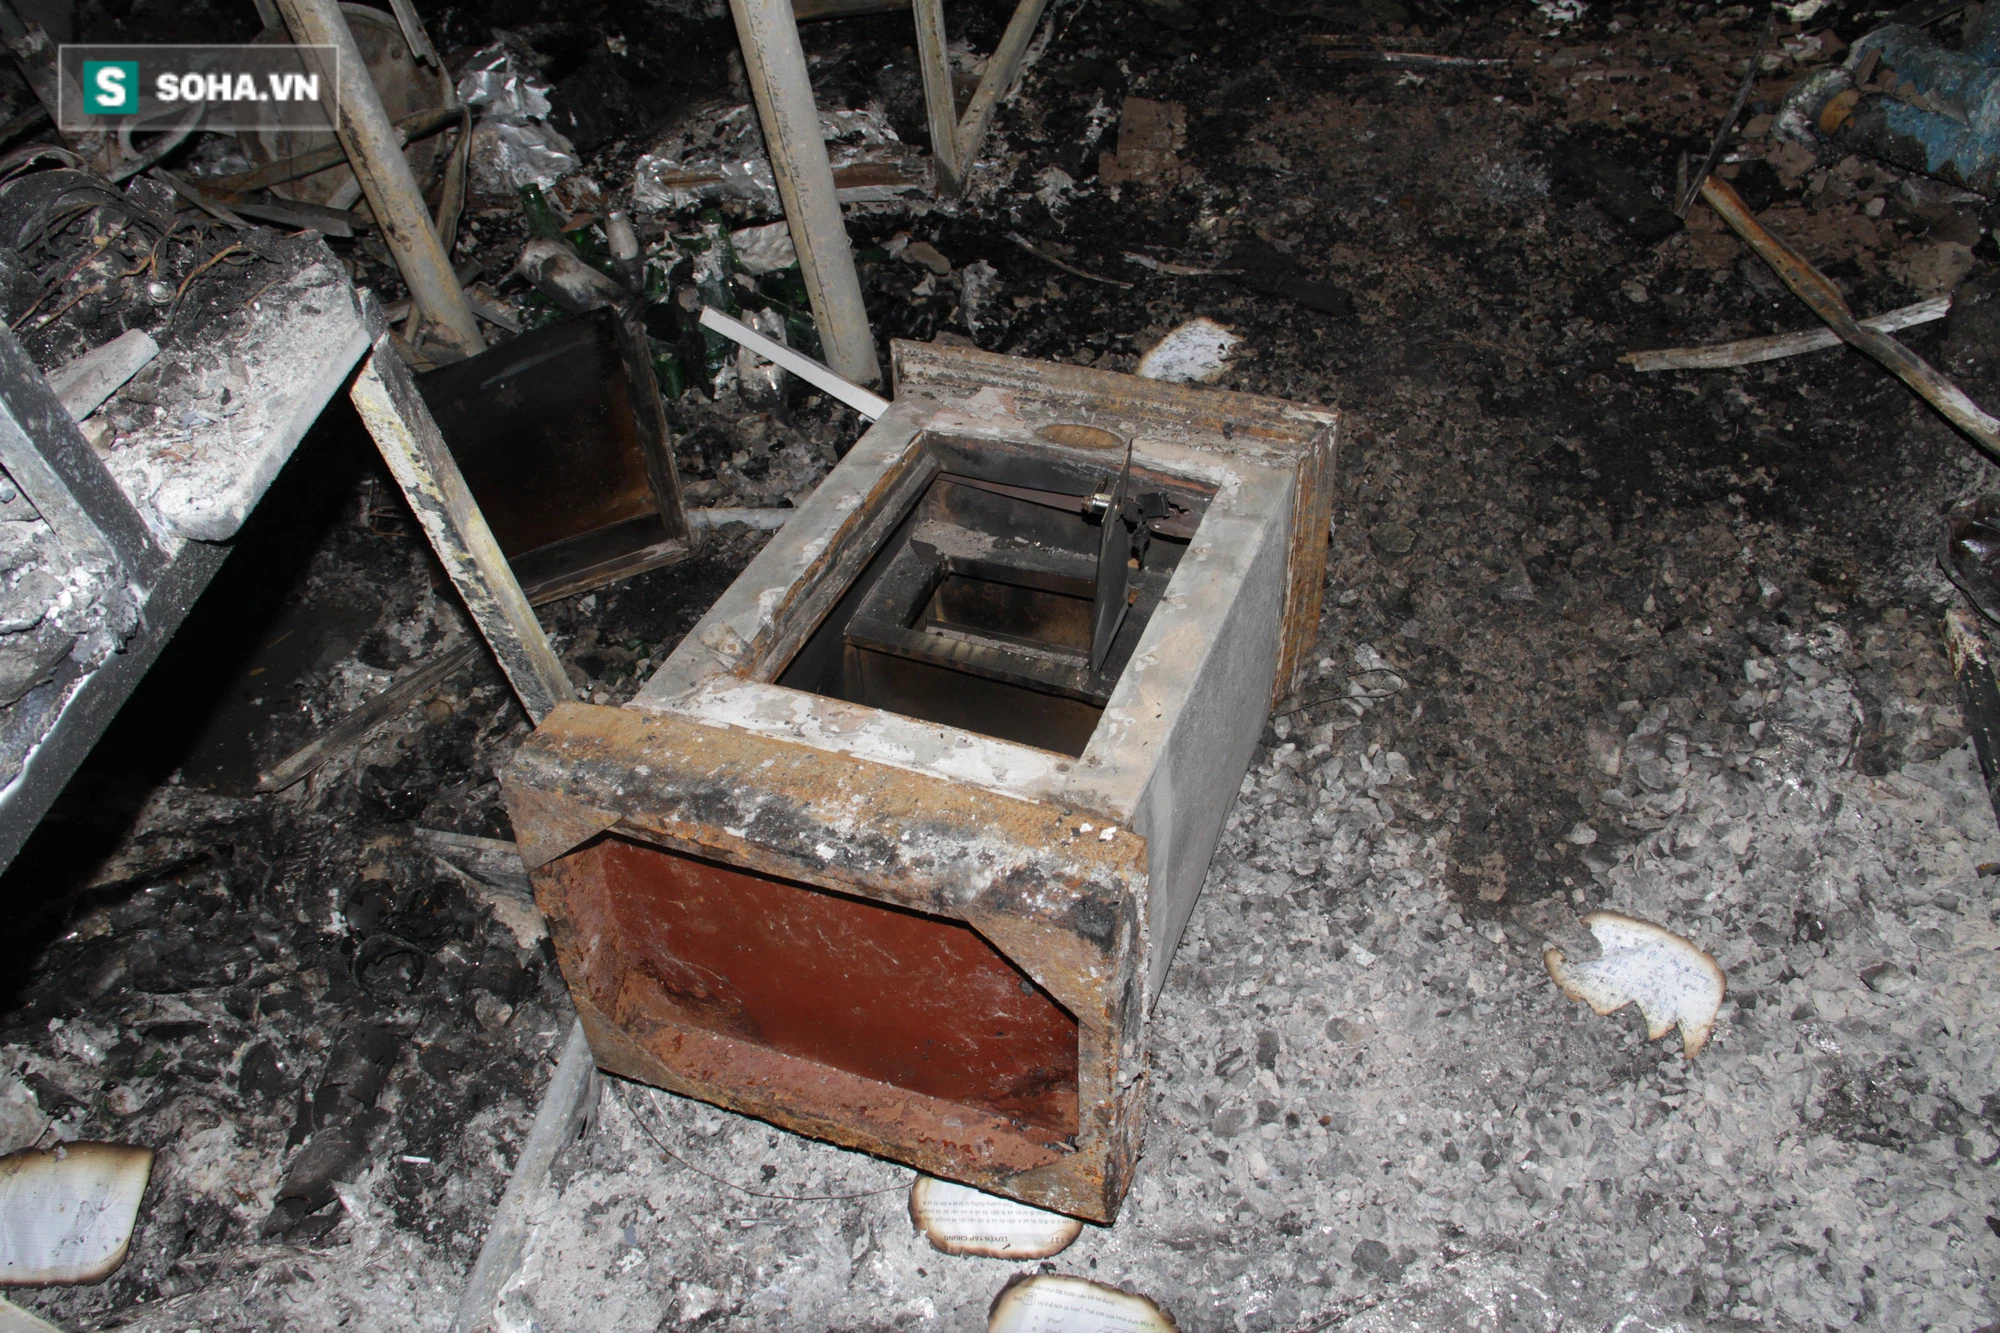 Cận cảnh hiện trường bên trong phòng trà bị cháy khiến 6 người tử vong ở Nghệ An - Ảnh 22.